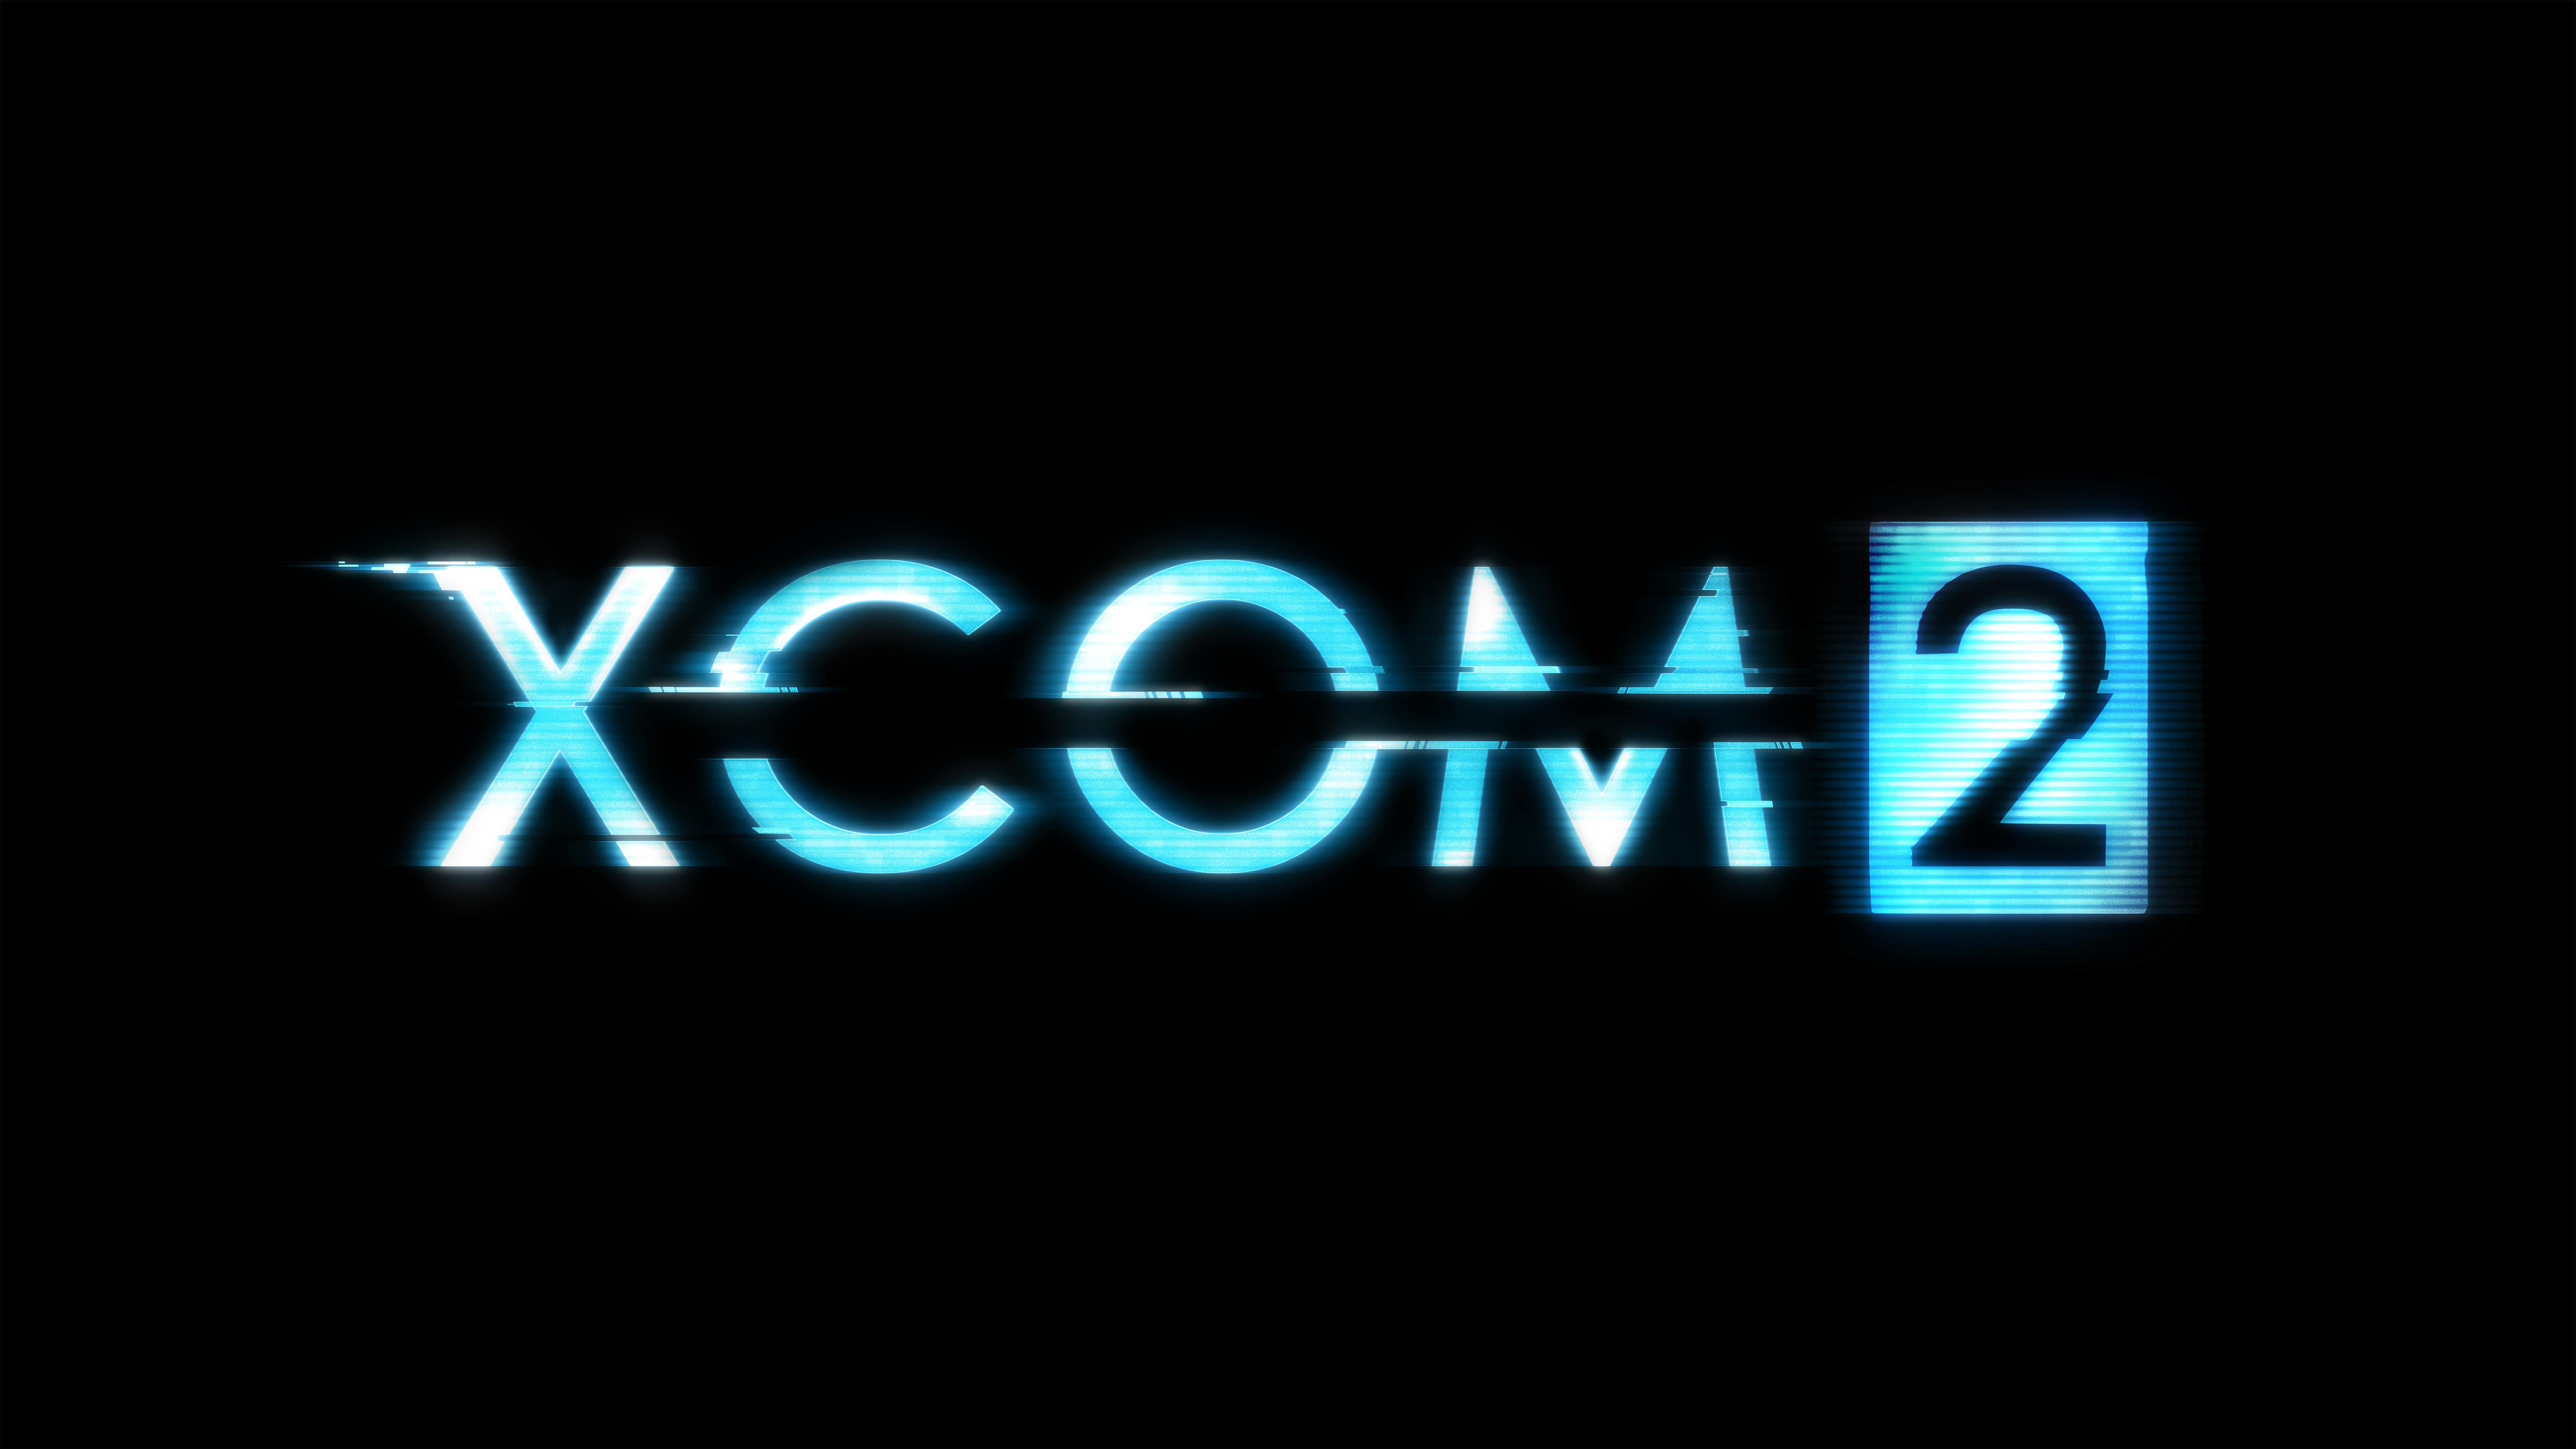 XCOM 2 widescreen for desktop